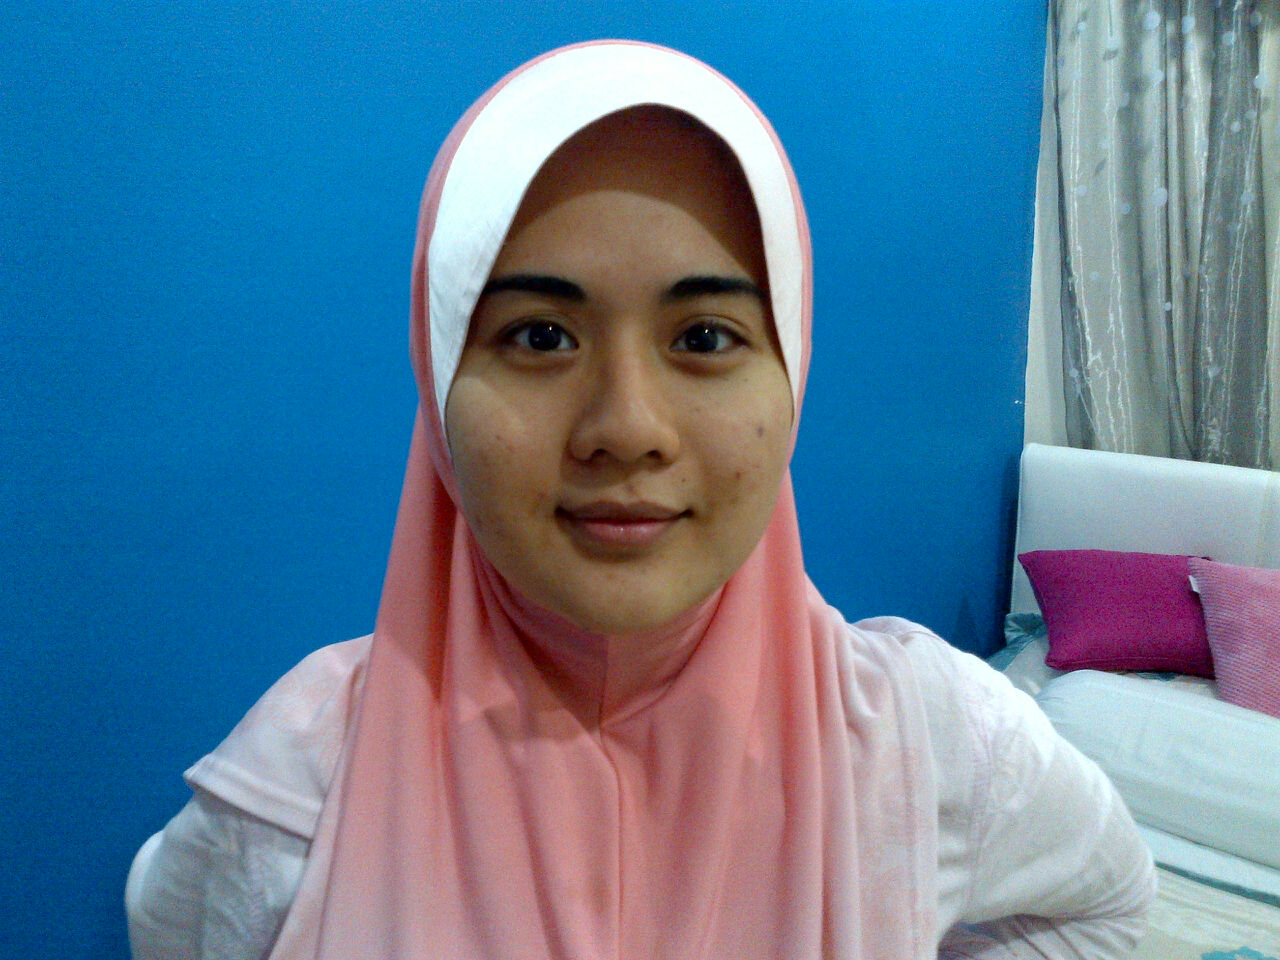 janda baik pahang 14th april 2012 kelab janda muda malaysia add friend